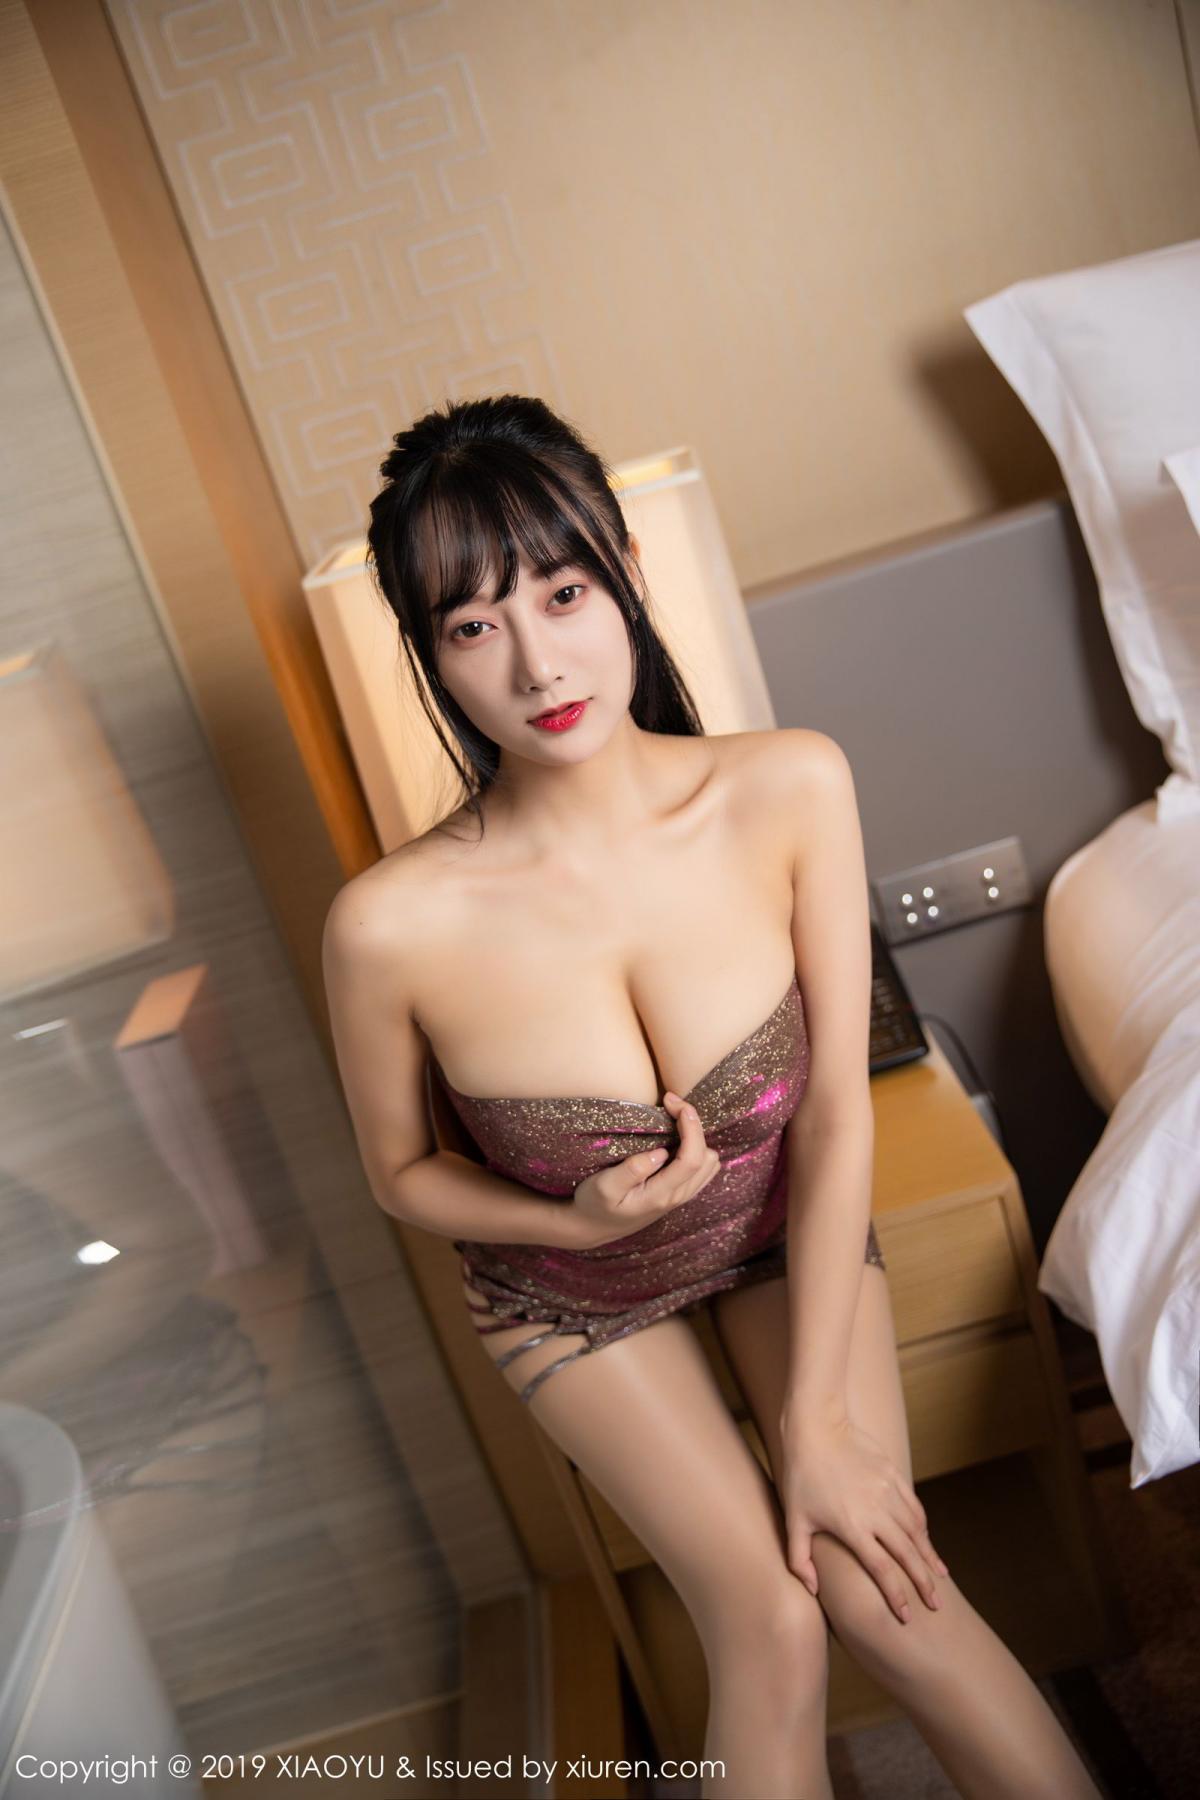 [XiaoYu] Vol.159 He Jia Ying 19P, He Jia Ying, Tall, XiaoYu